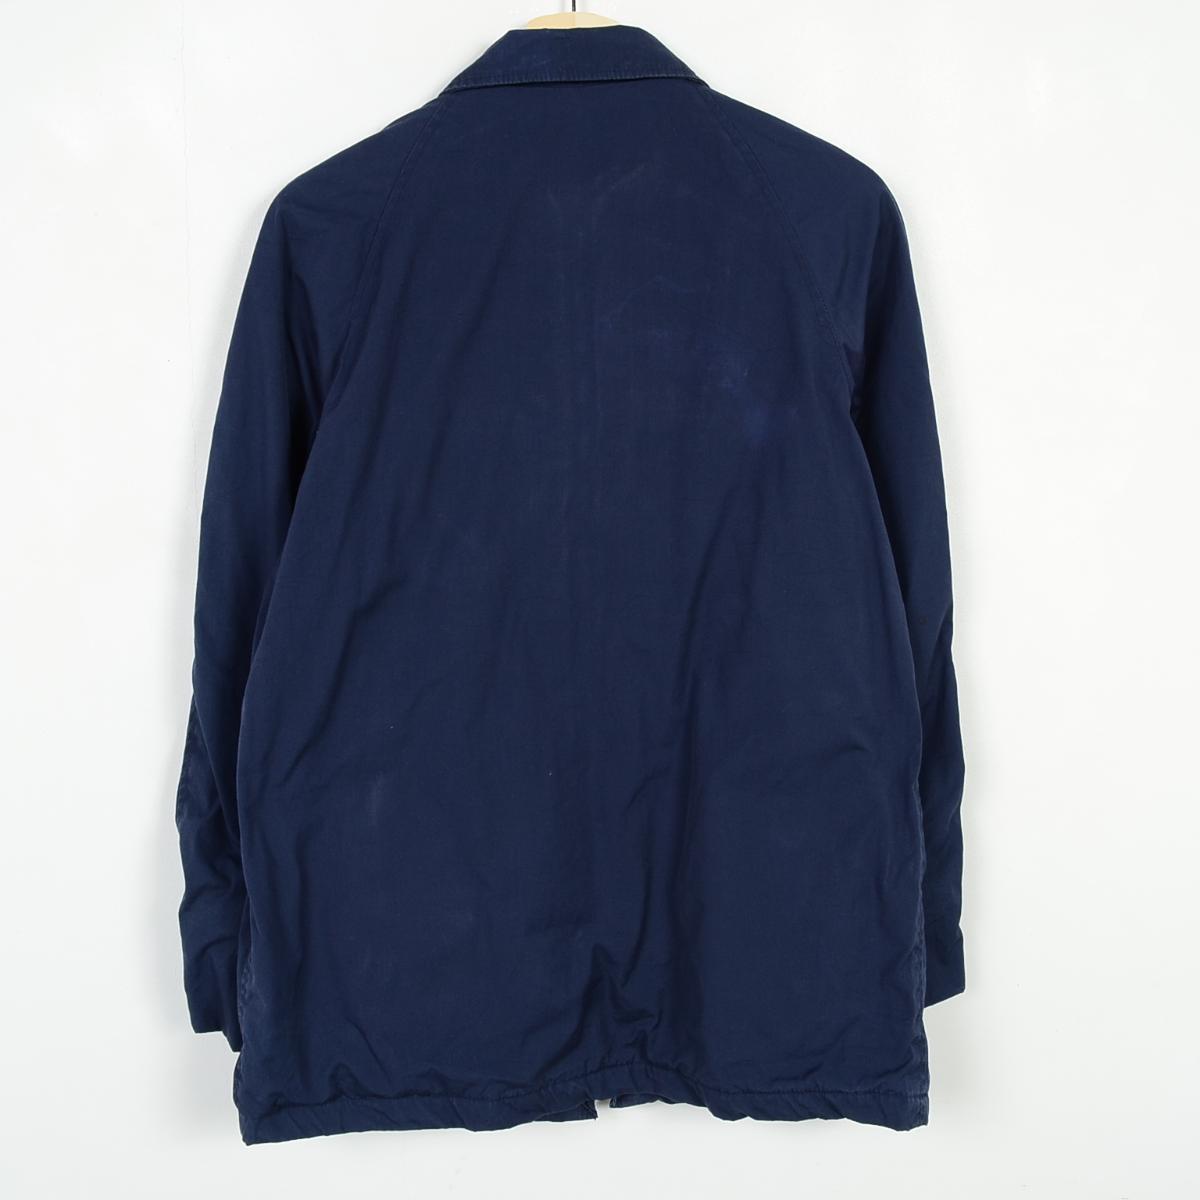 VINTAGE CLOTHING JAM | Rakuten Global Market: Deliver us real ...